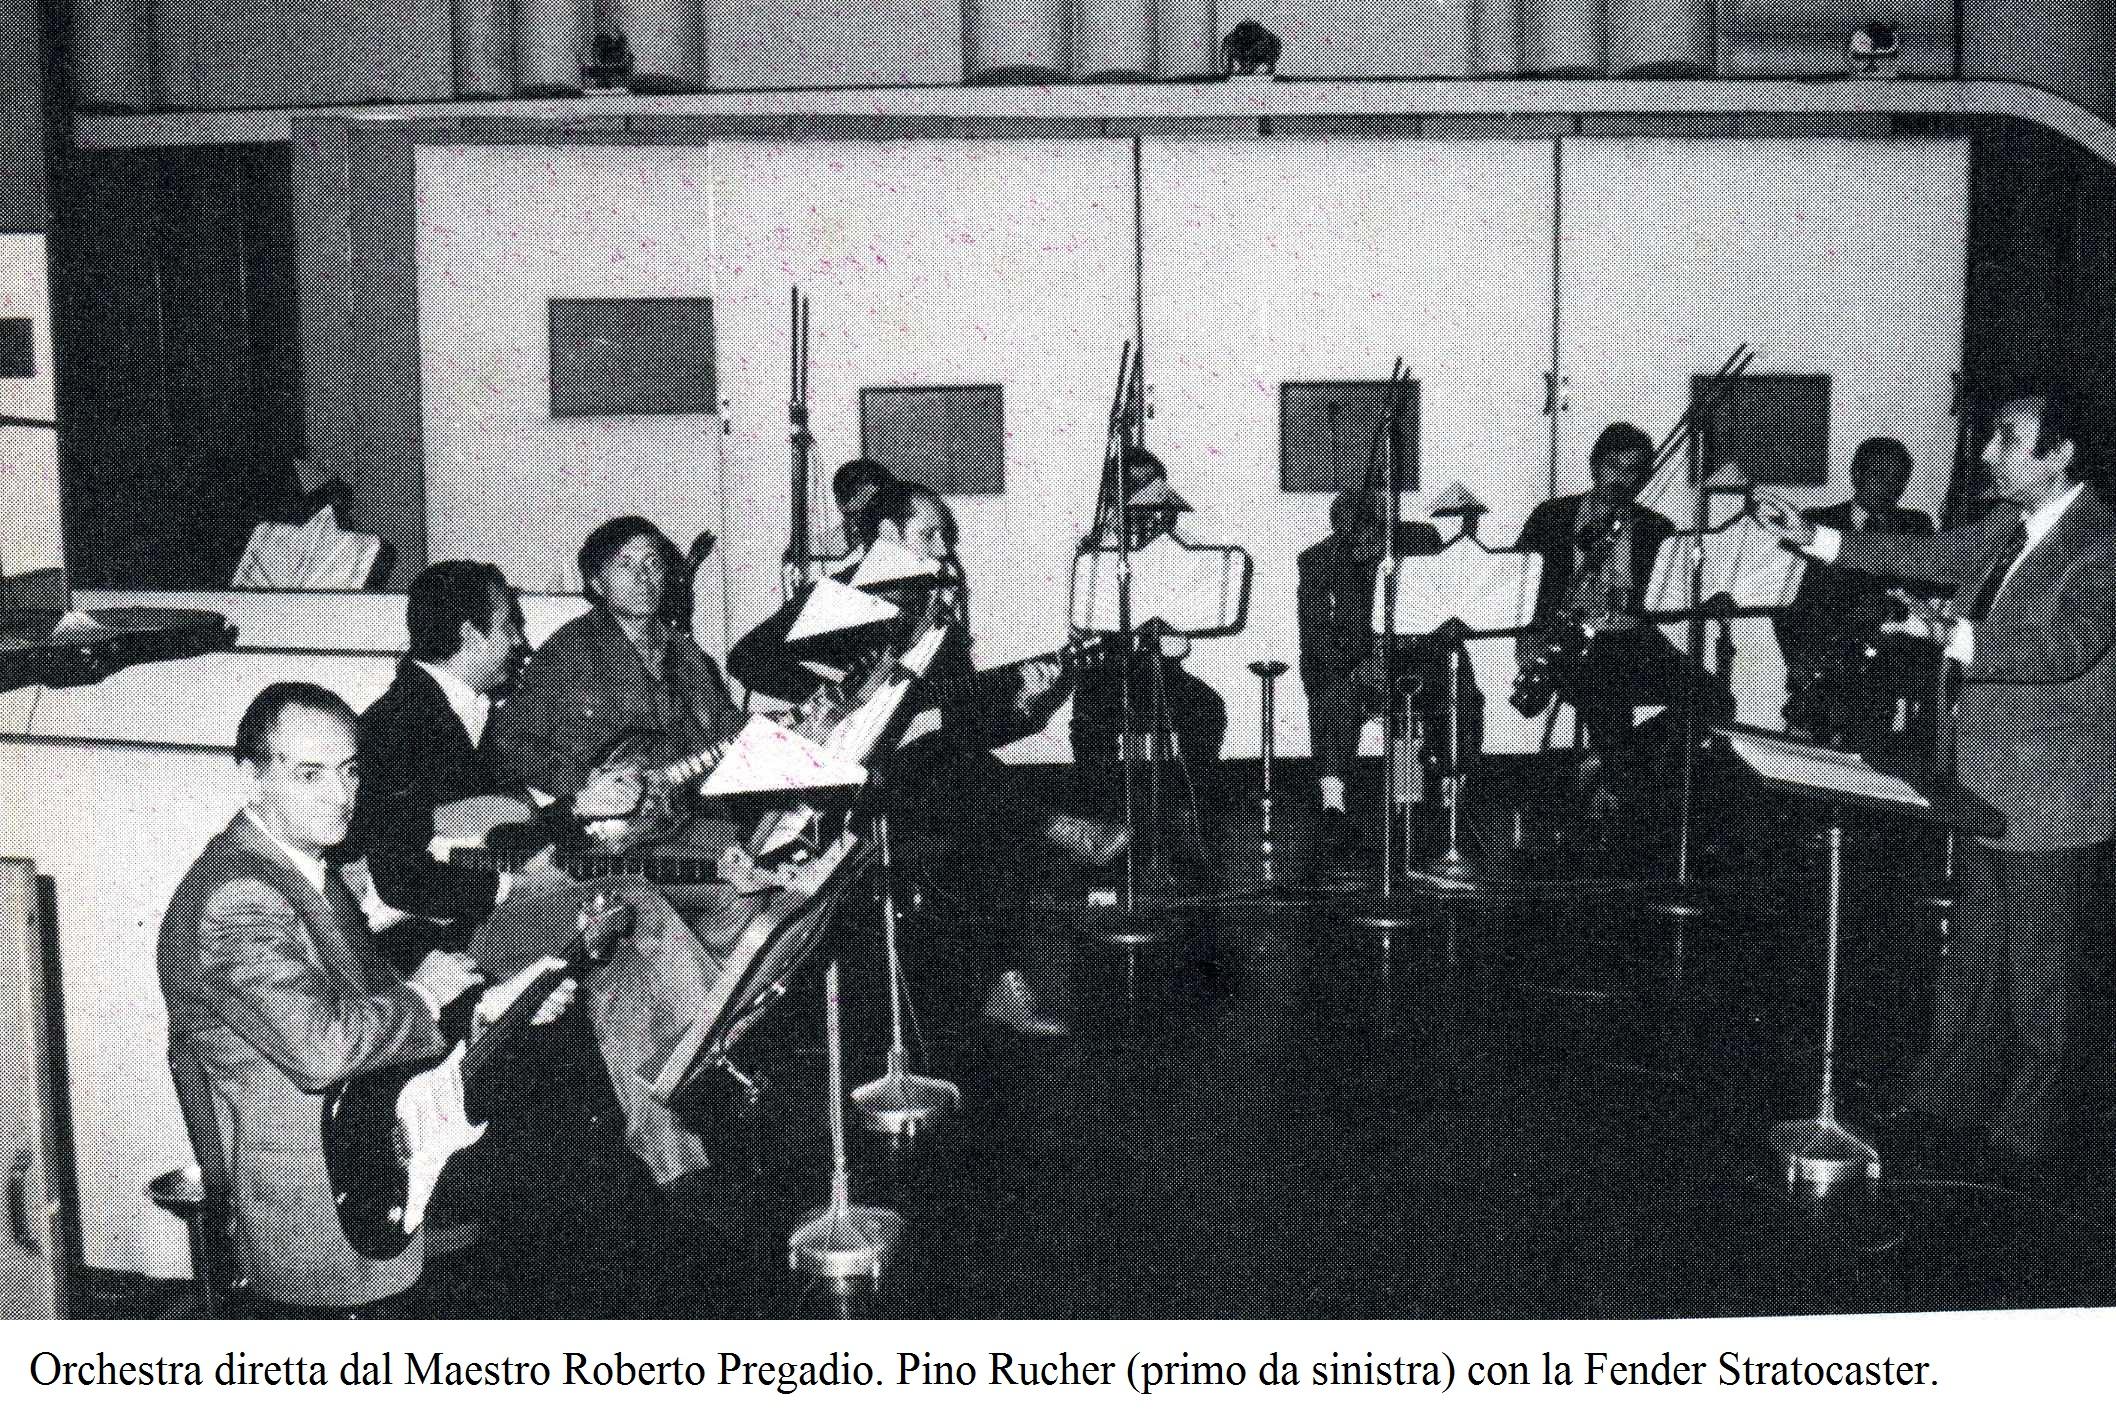 Corso Di Chitarra Di Franco Cerri E Mario Gangi Orchestra_RAI_diretta_dal_Maestro_Roberto_Pregadio